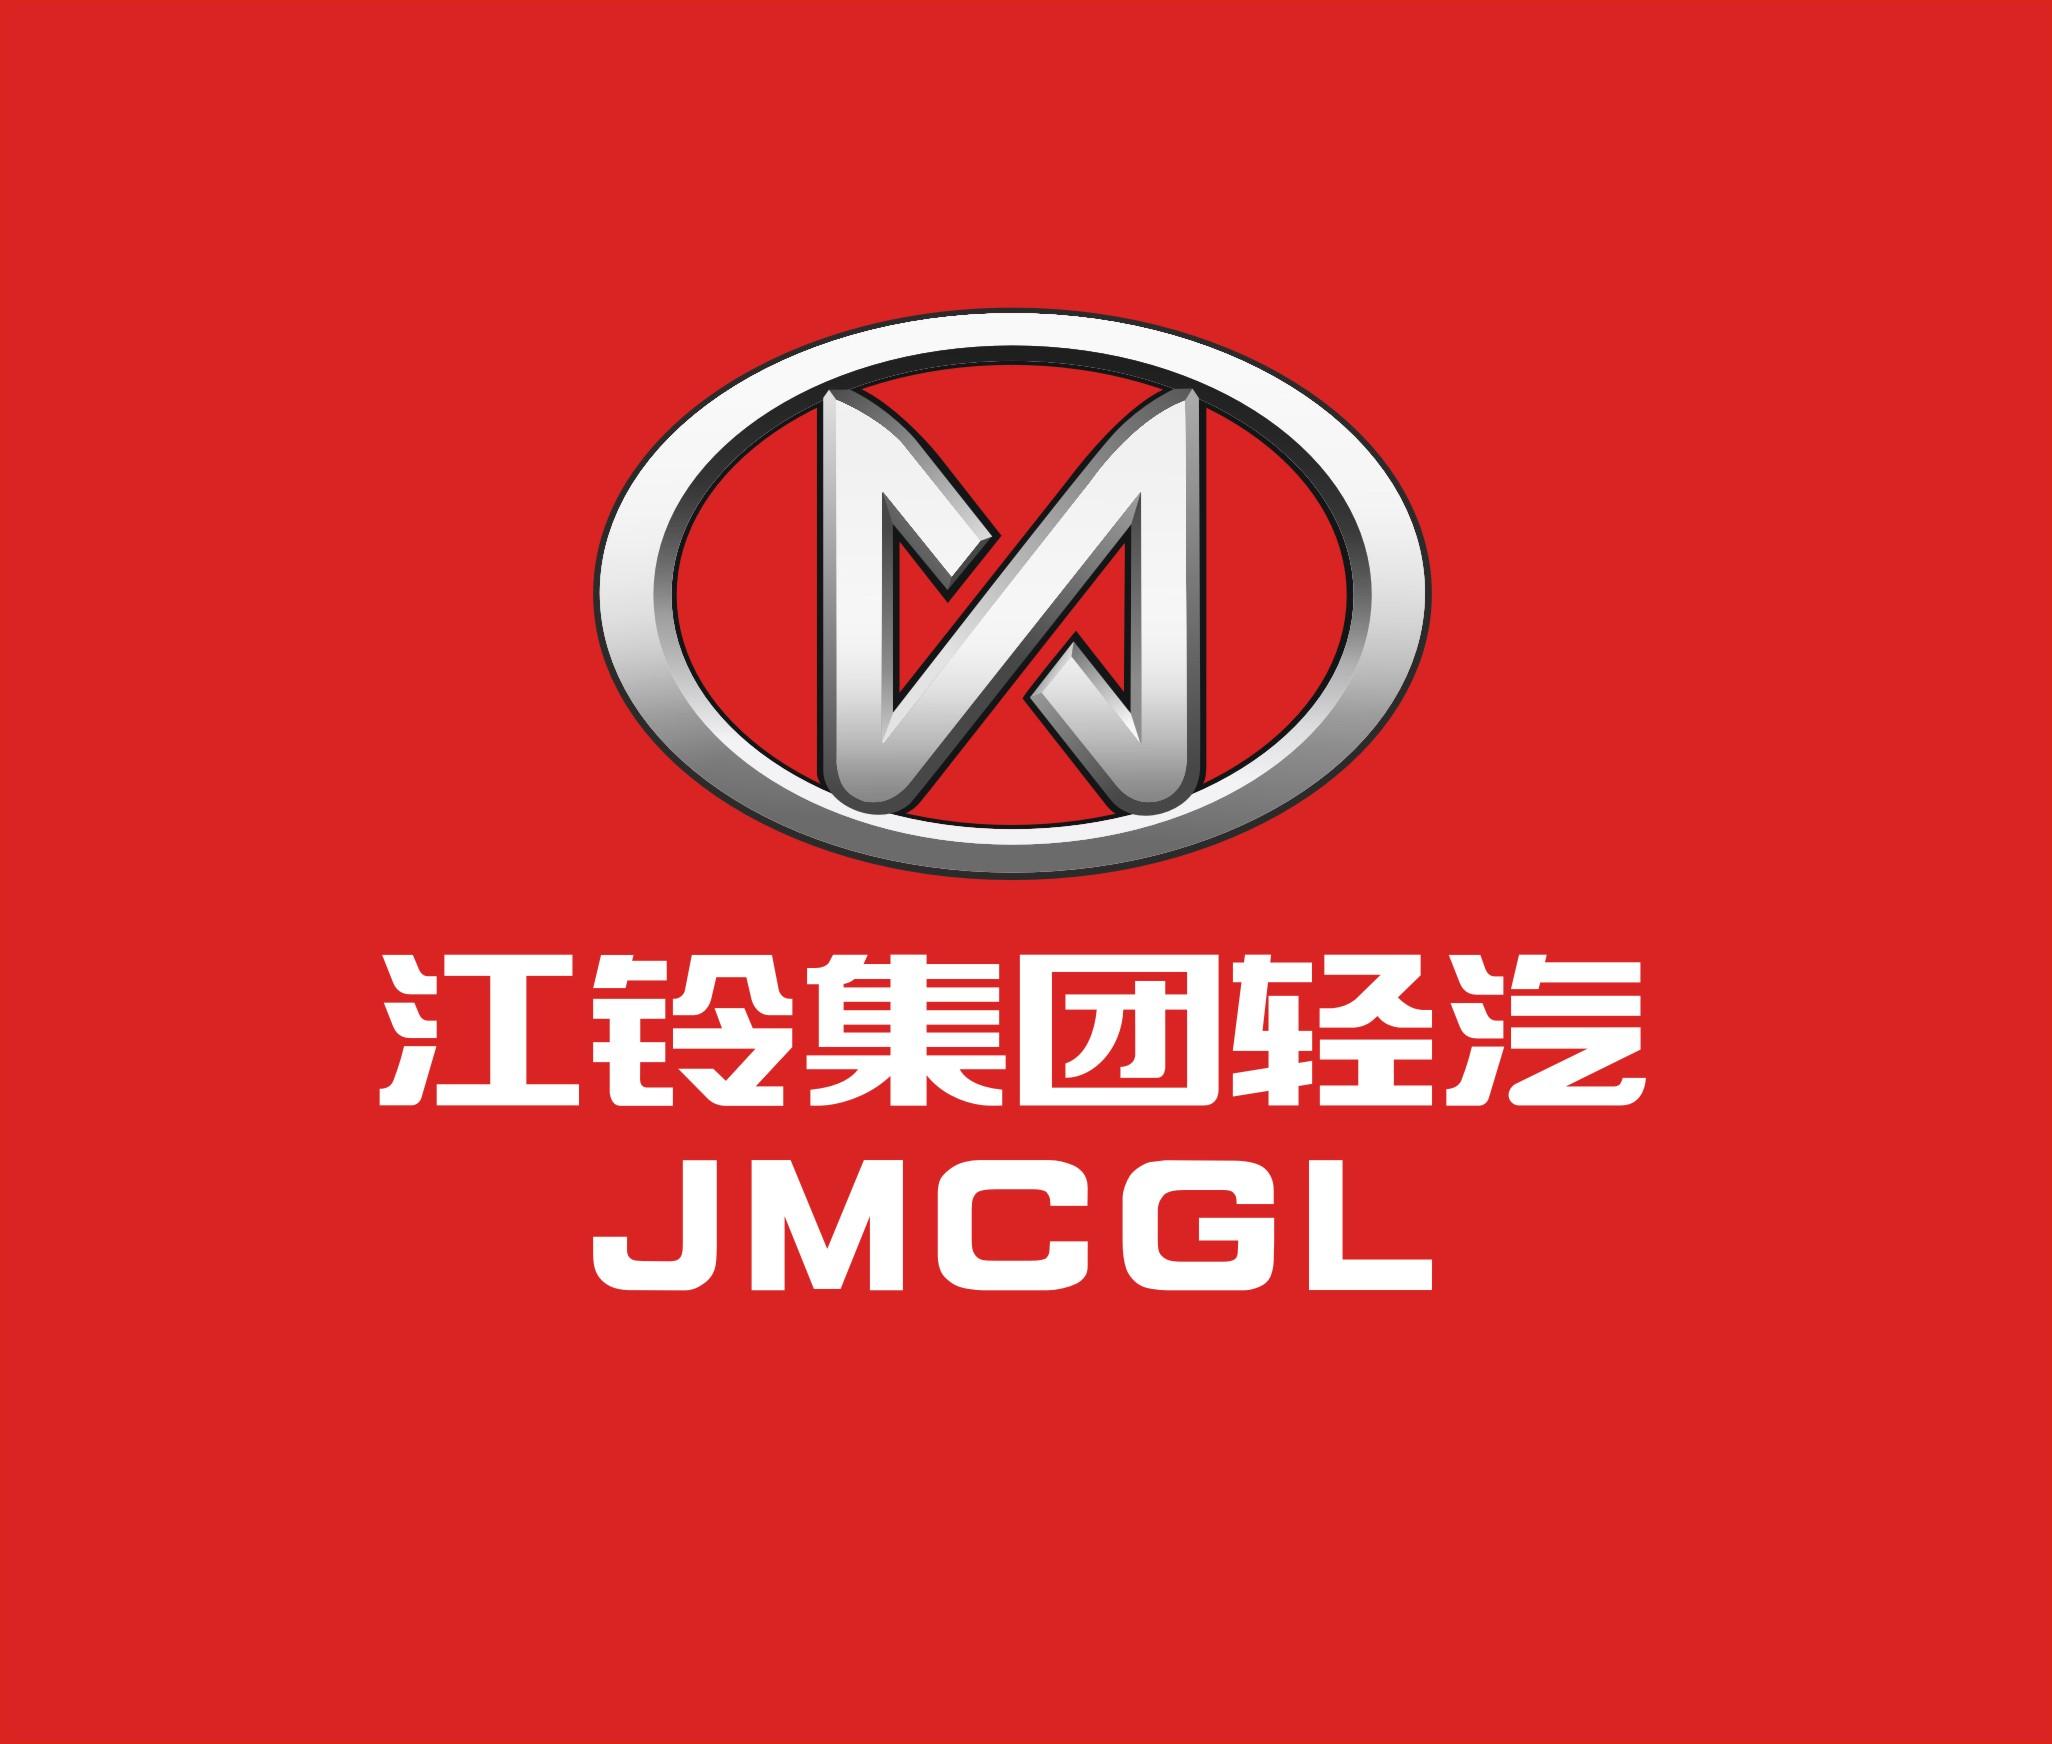 广州骐铃汽车销售服务有限公司